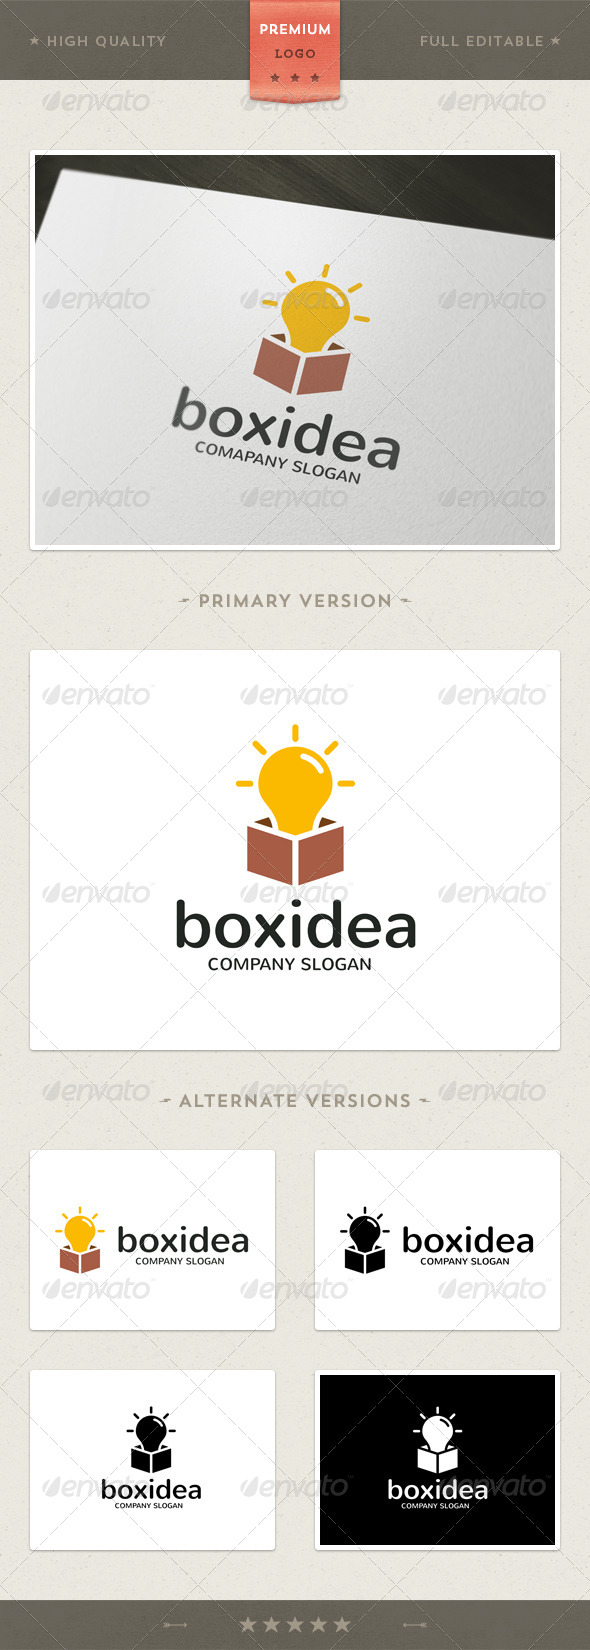 GraphicRiver Box Idea Logo Template 4581528